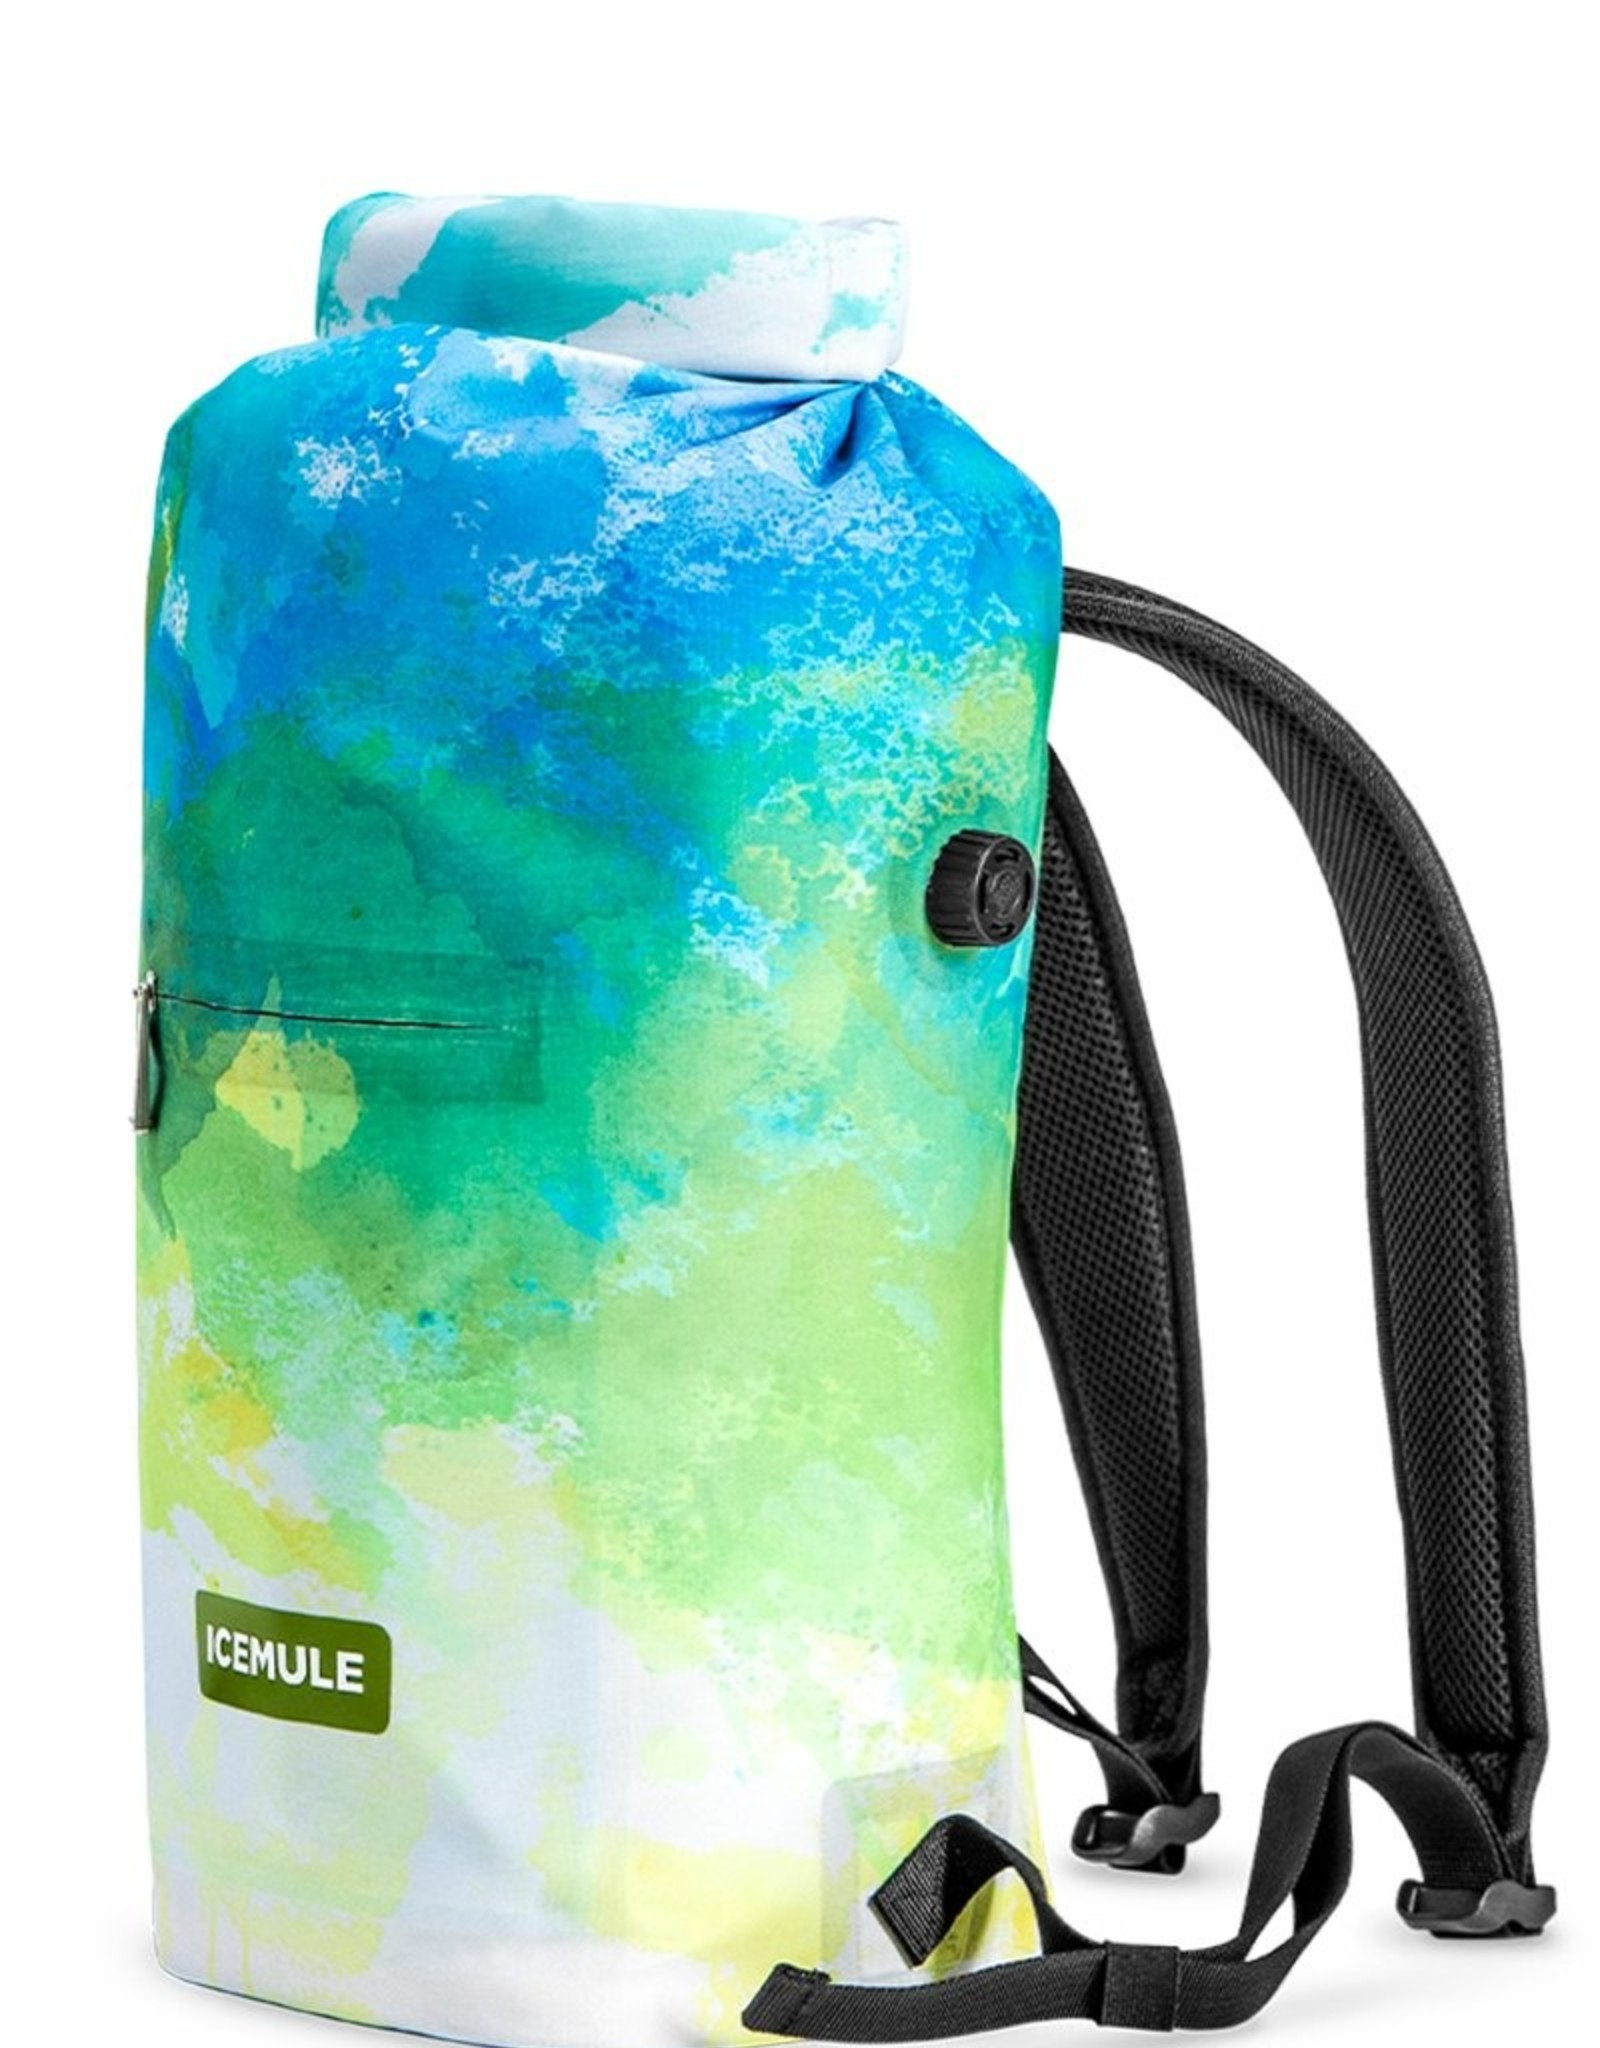 Ice Mule Jaunt - Devoe Designs